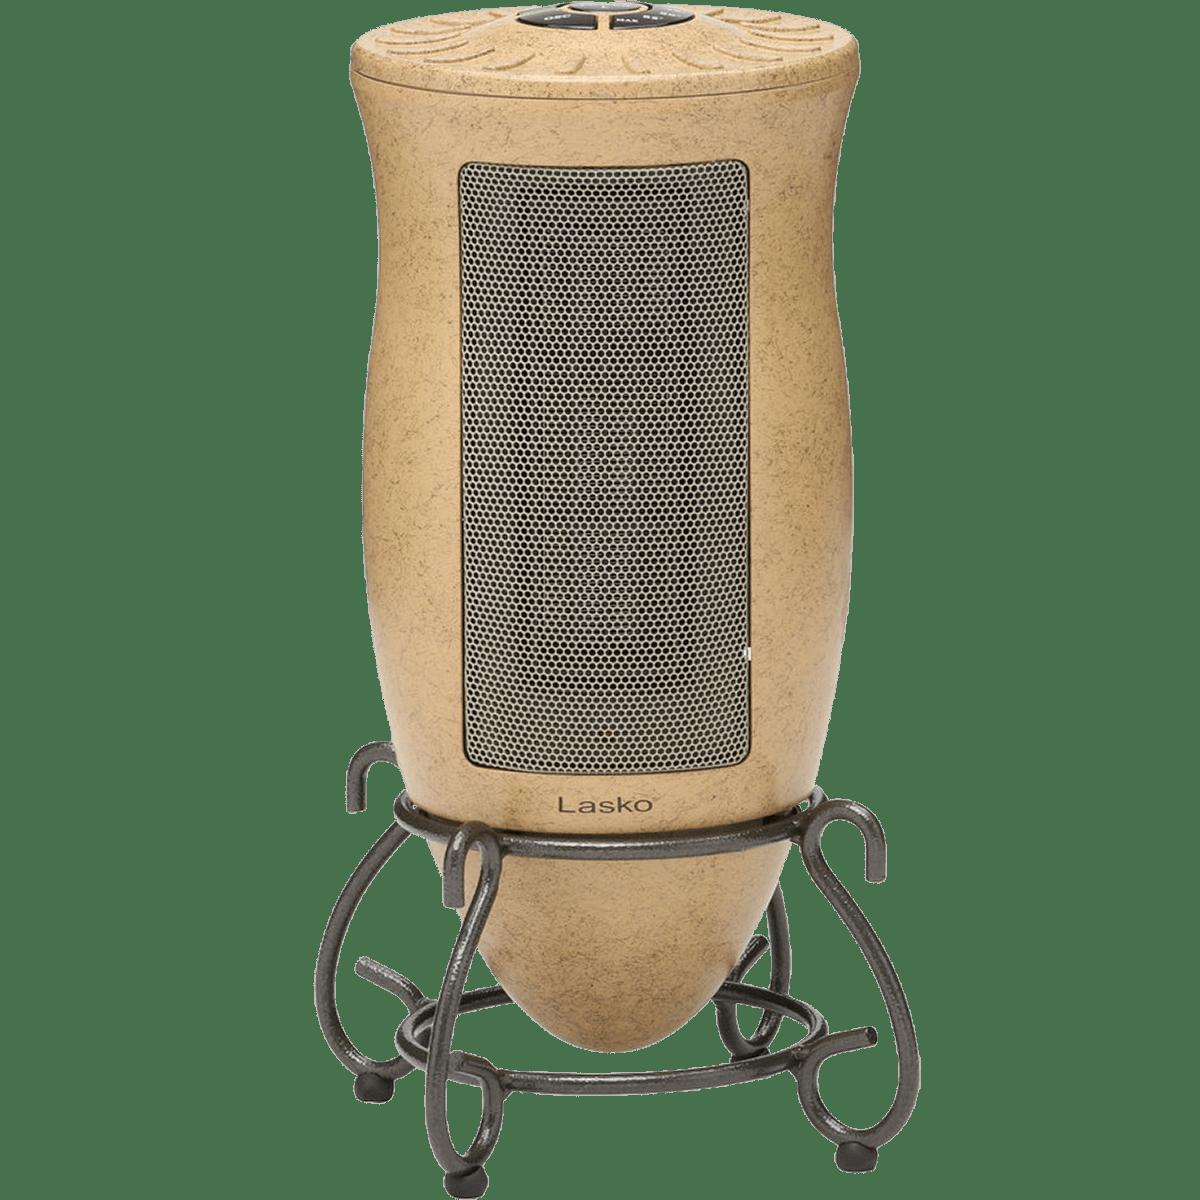 Lasko Designer Series Oscillating Ceramic Heater   Front